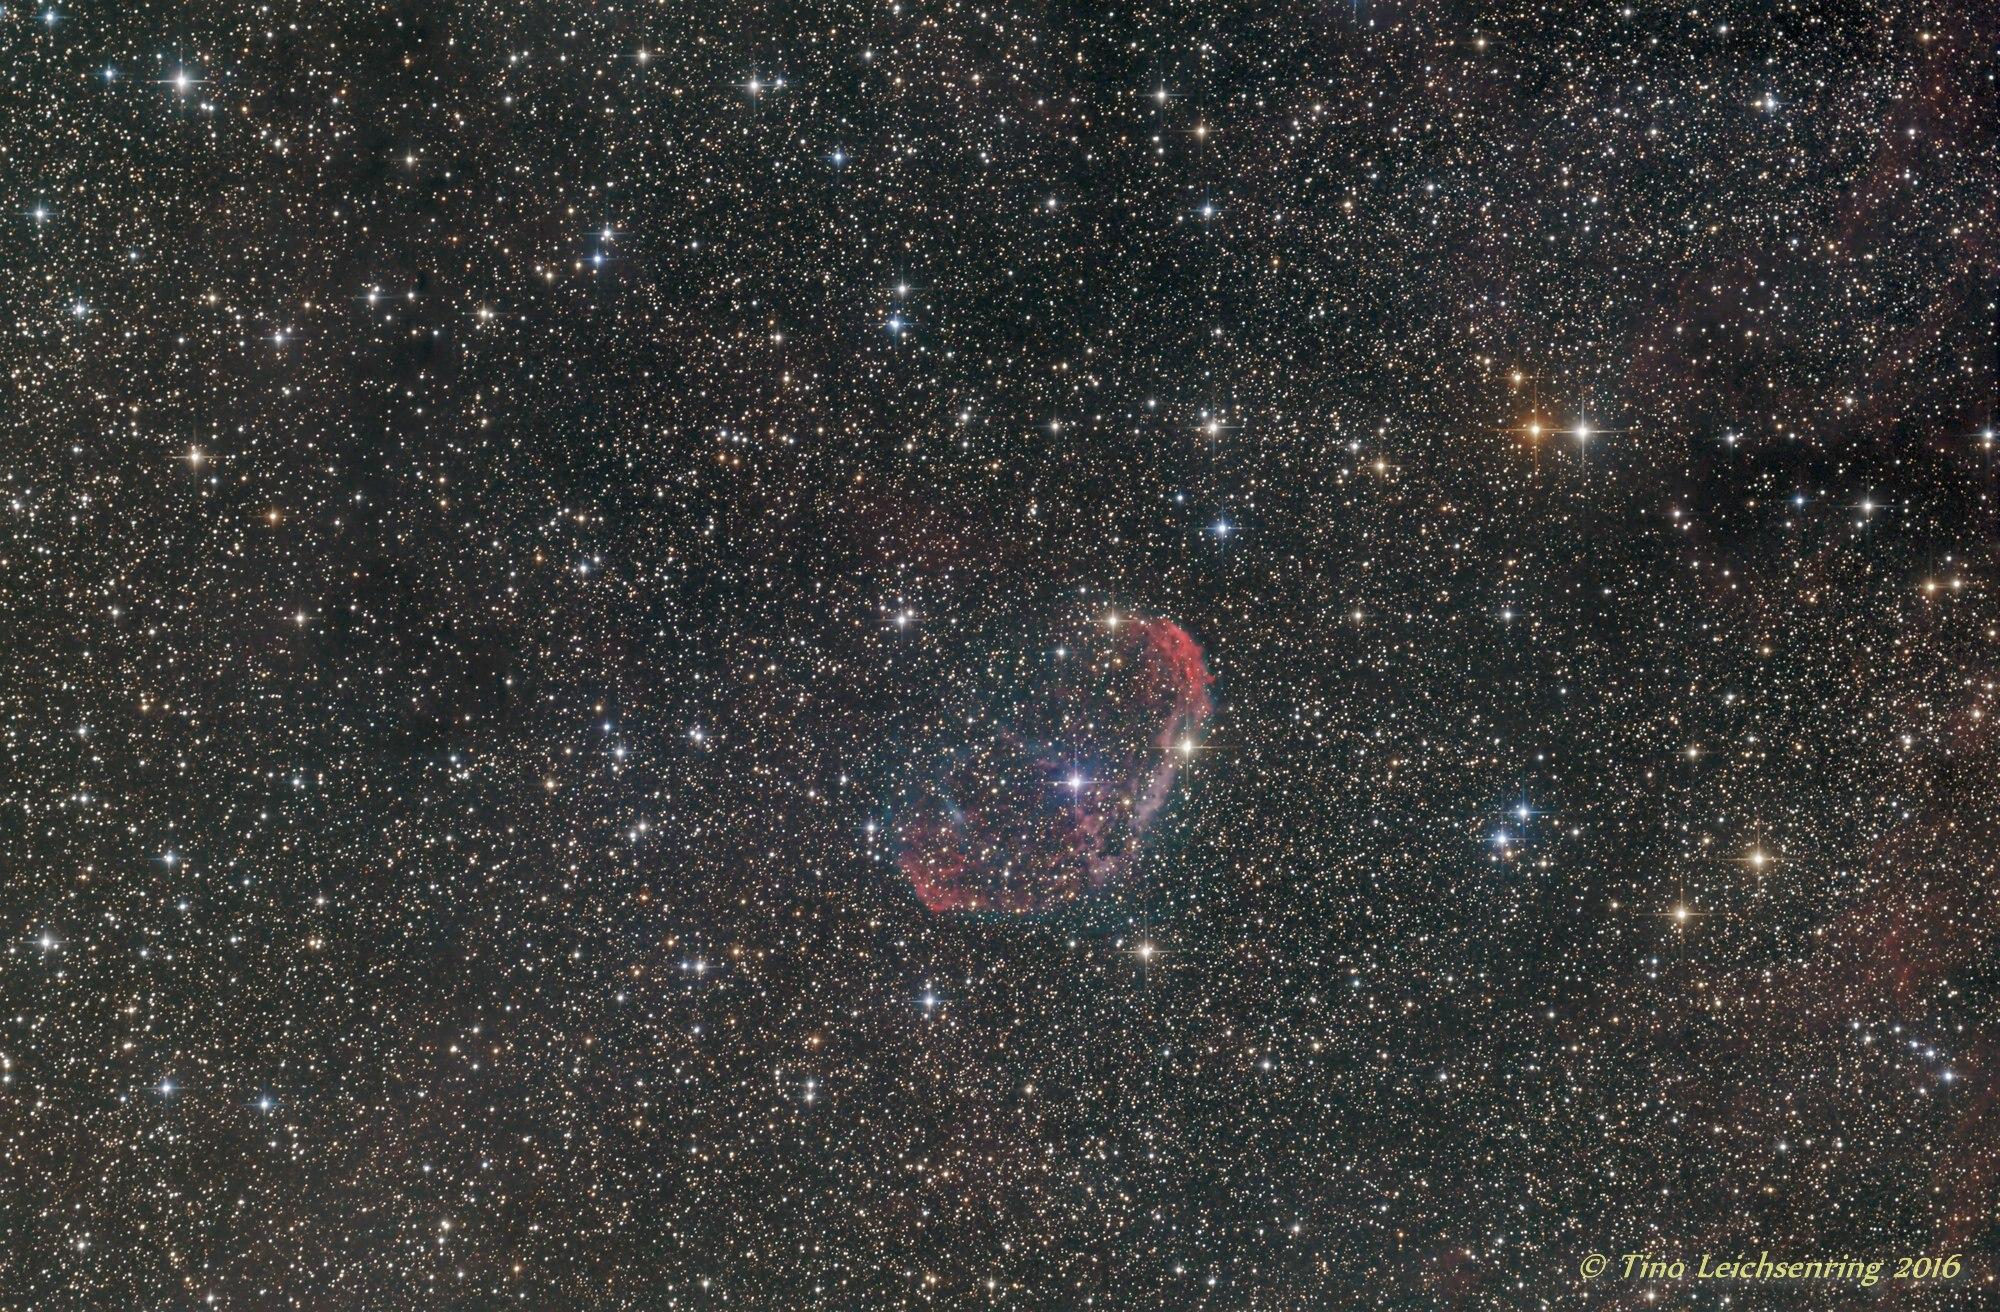 NGC 6888_17.HTT_27.und 28.09.2016_ ISO 400_17 Fotos a'12 min_Gesamtbelichtung 3h24min_final_klein